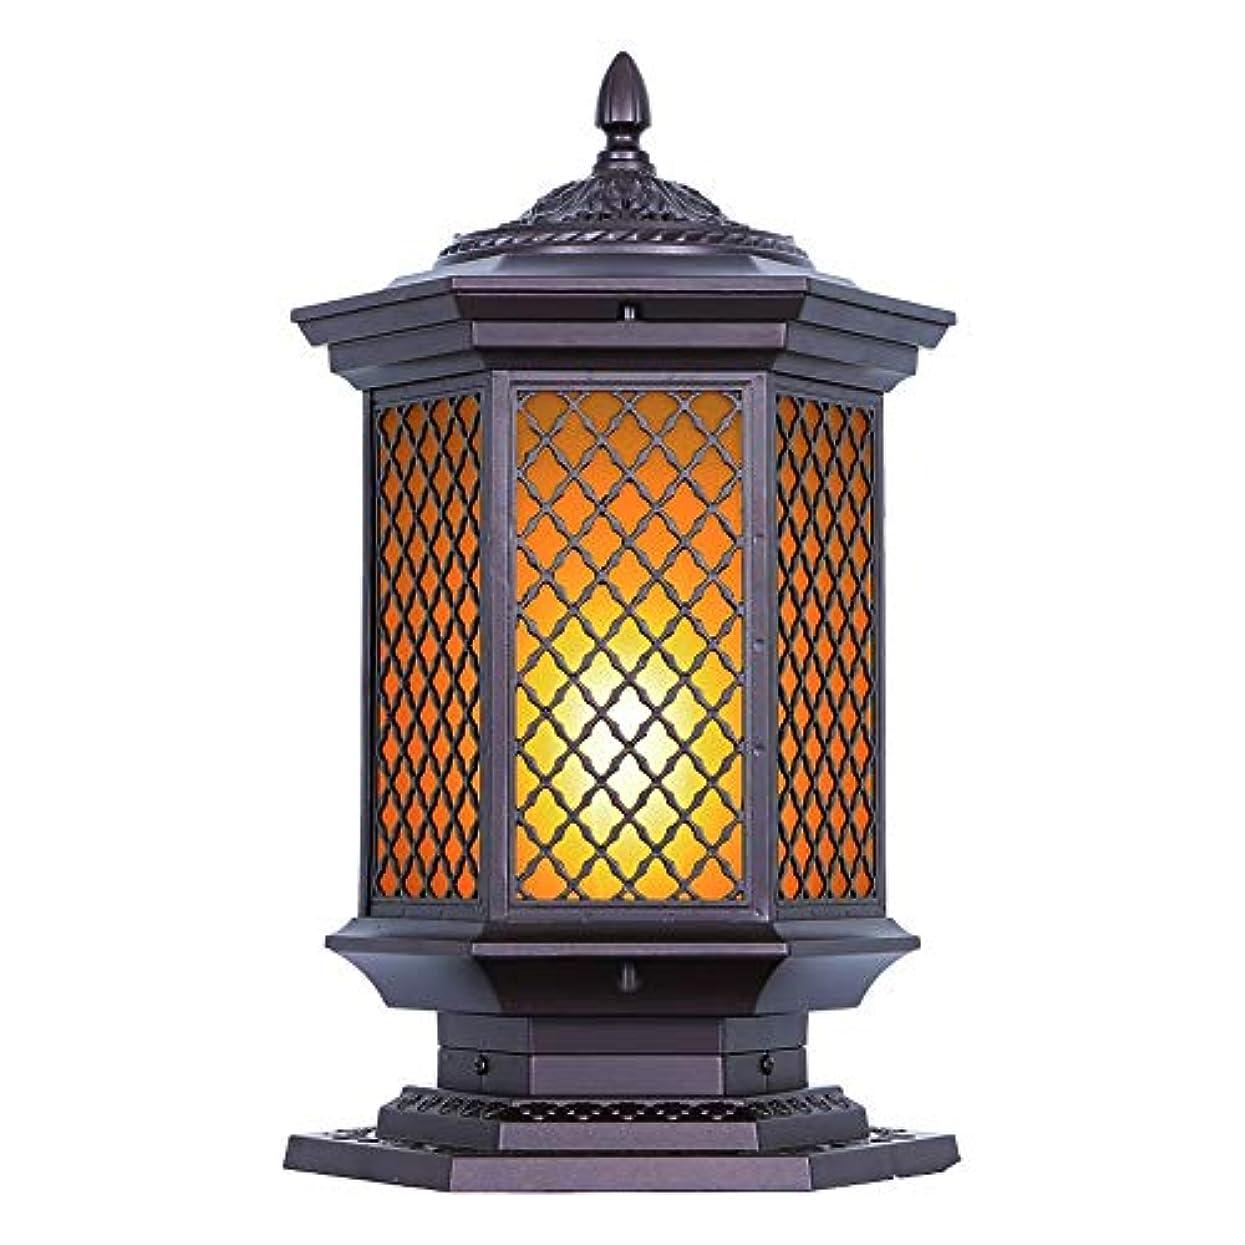 割合ブランチ錆びPinjeer ヴィンテージクリエイティブガラス防水屋外ポストライトレトロ工業用アルミコラムランプ街路ドアガーデンパークホームヴィラ装飾柱ライト (Color : Style-A, サイズ : Height 80cm)